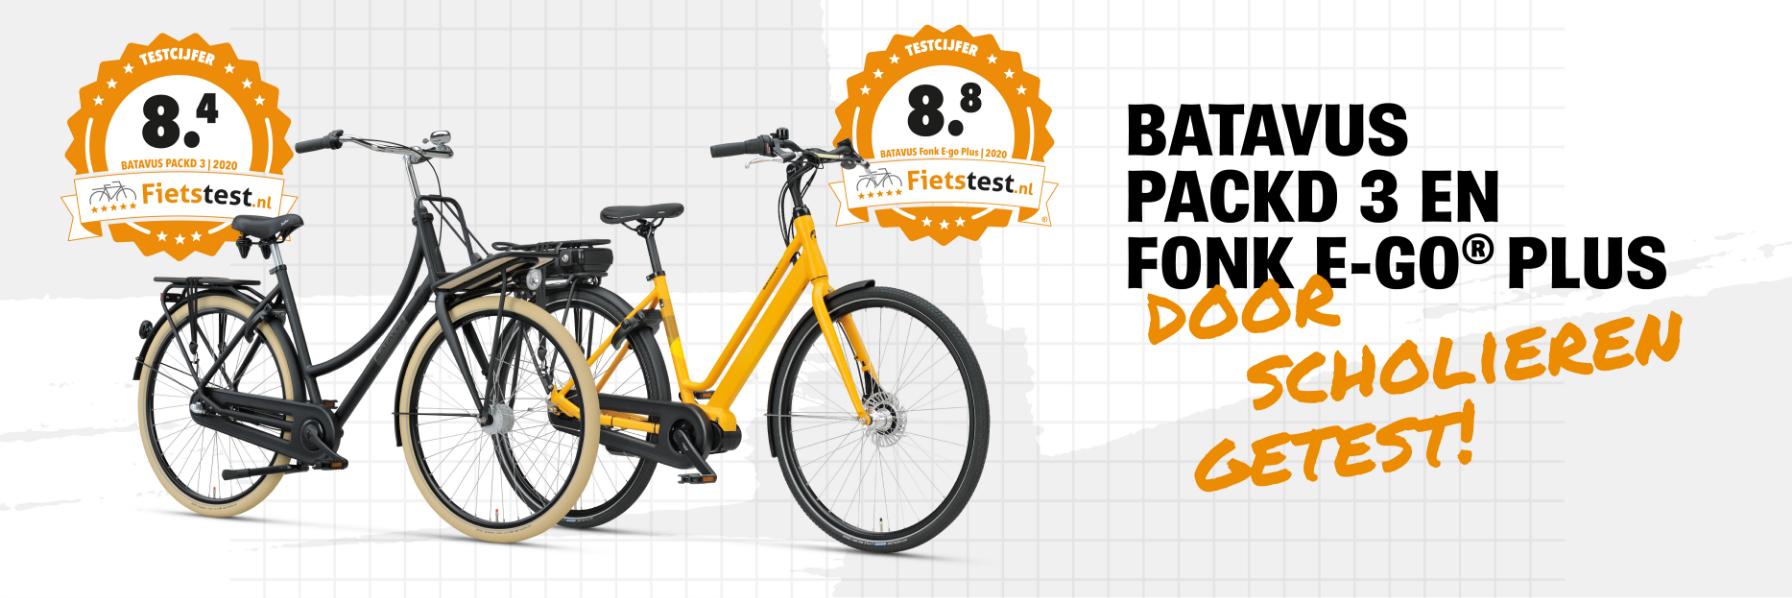 slide-Batavus-fietstest